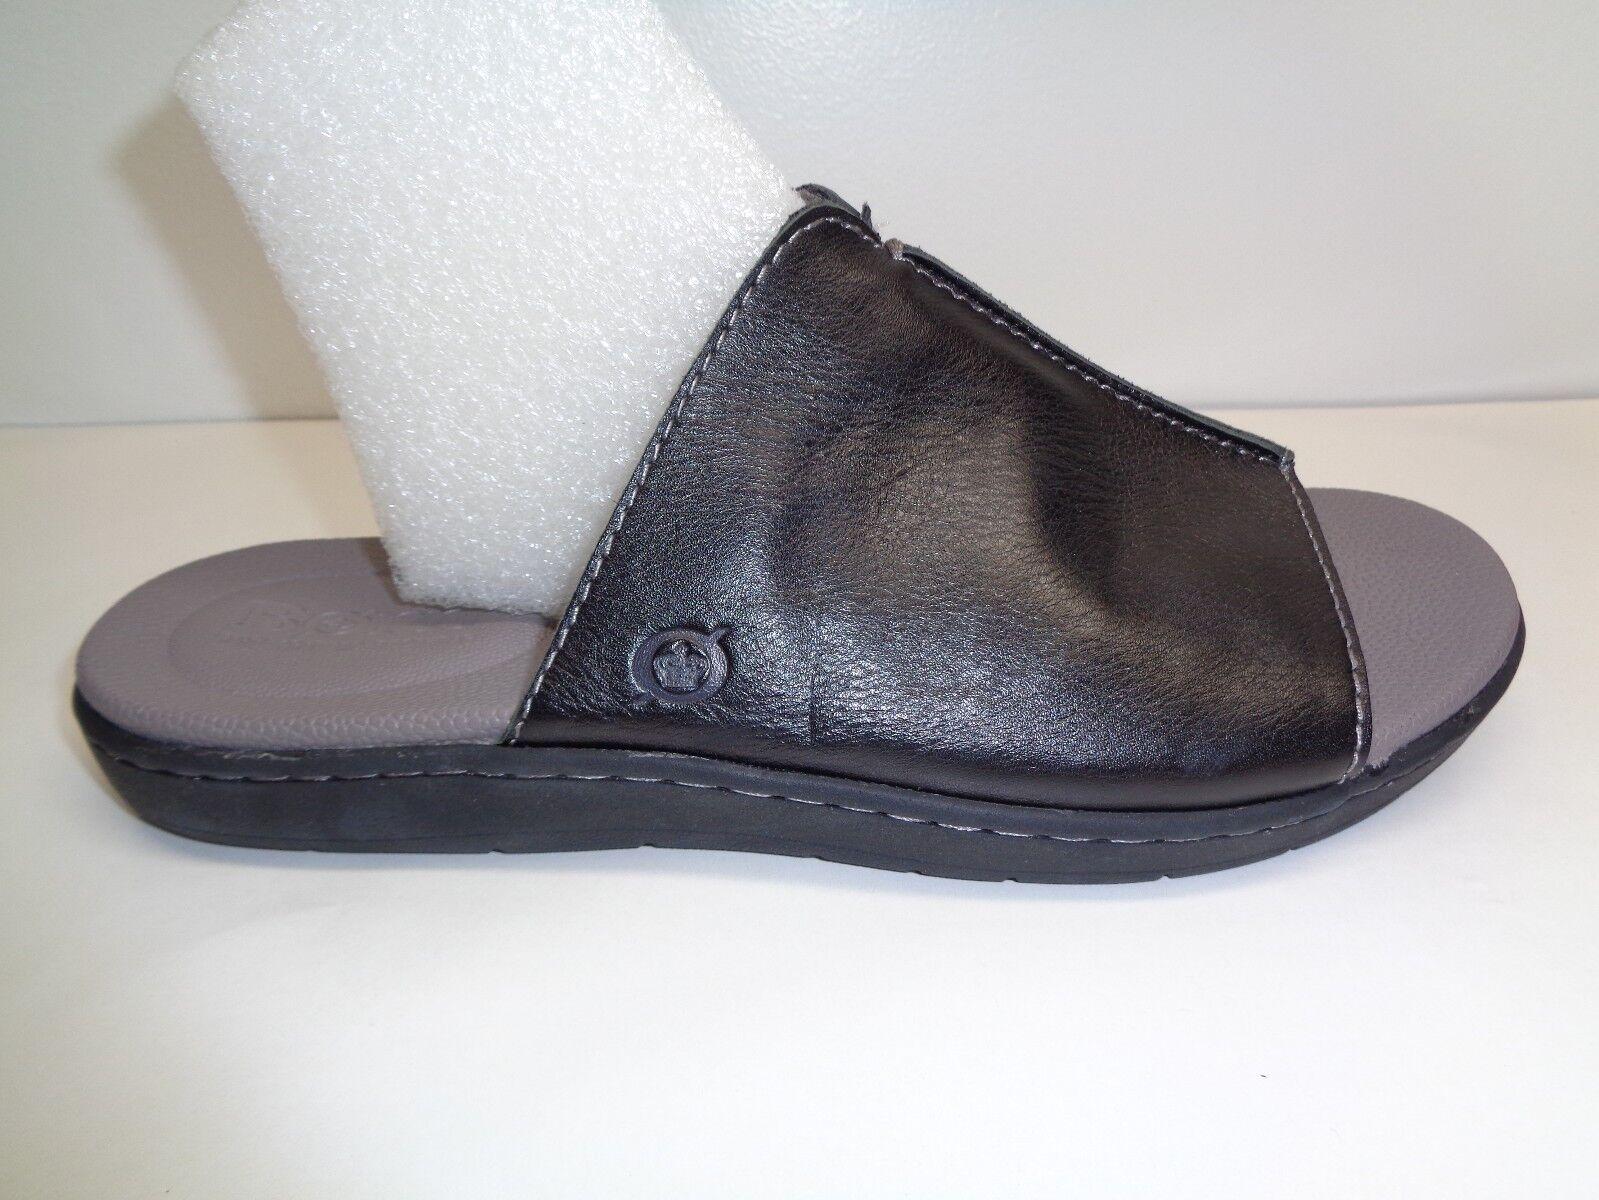 Nacido M cuvu negro completo grano cuero se Desliza Sandalias nuevo Zapatos para hombre